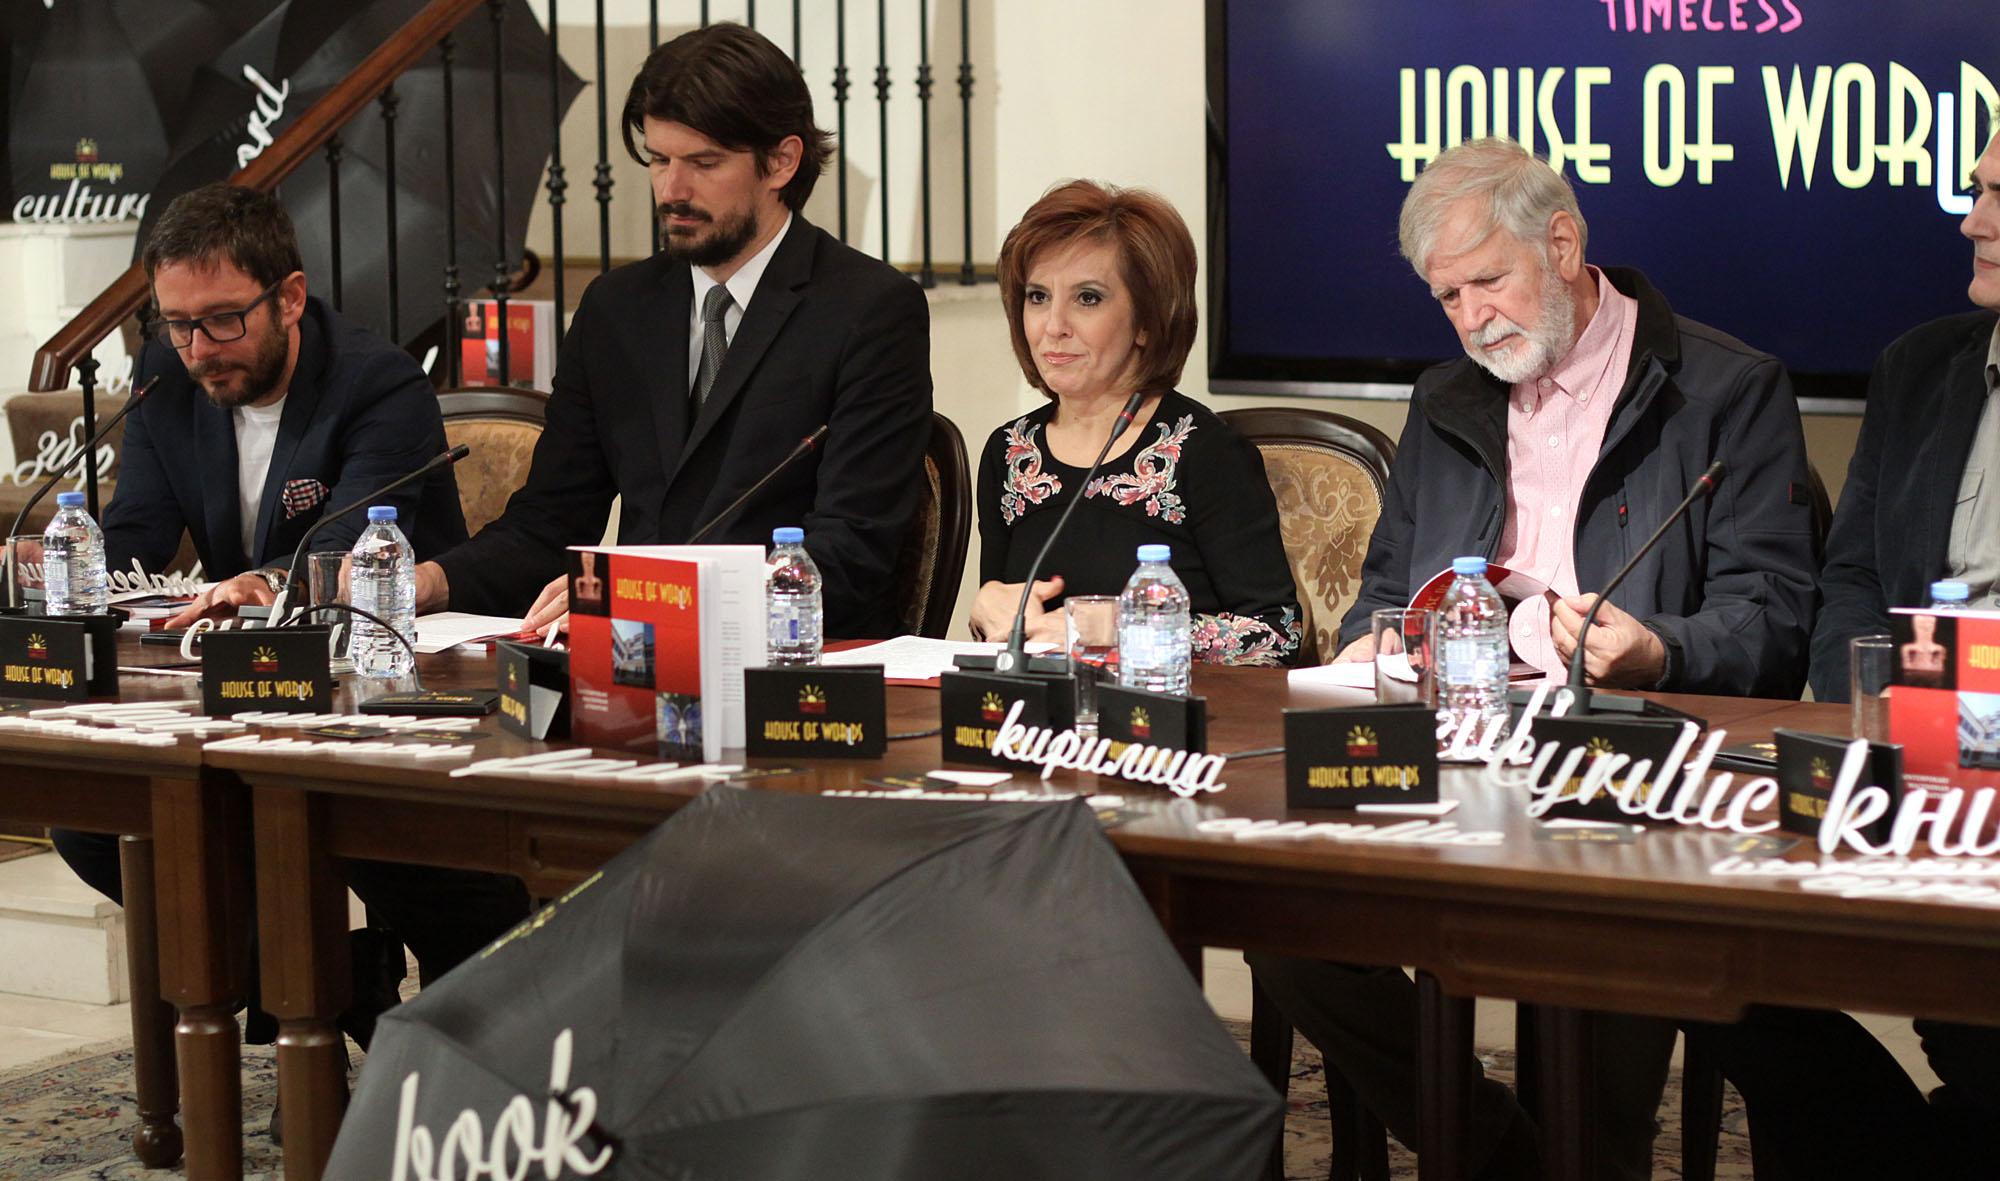 Mакедонската литература ќе се претстави на саемот во Франкфурт